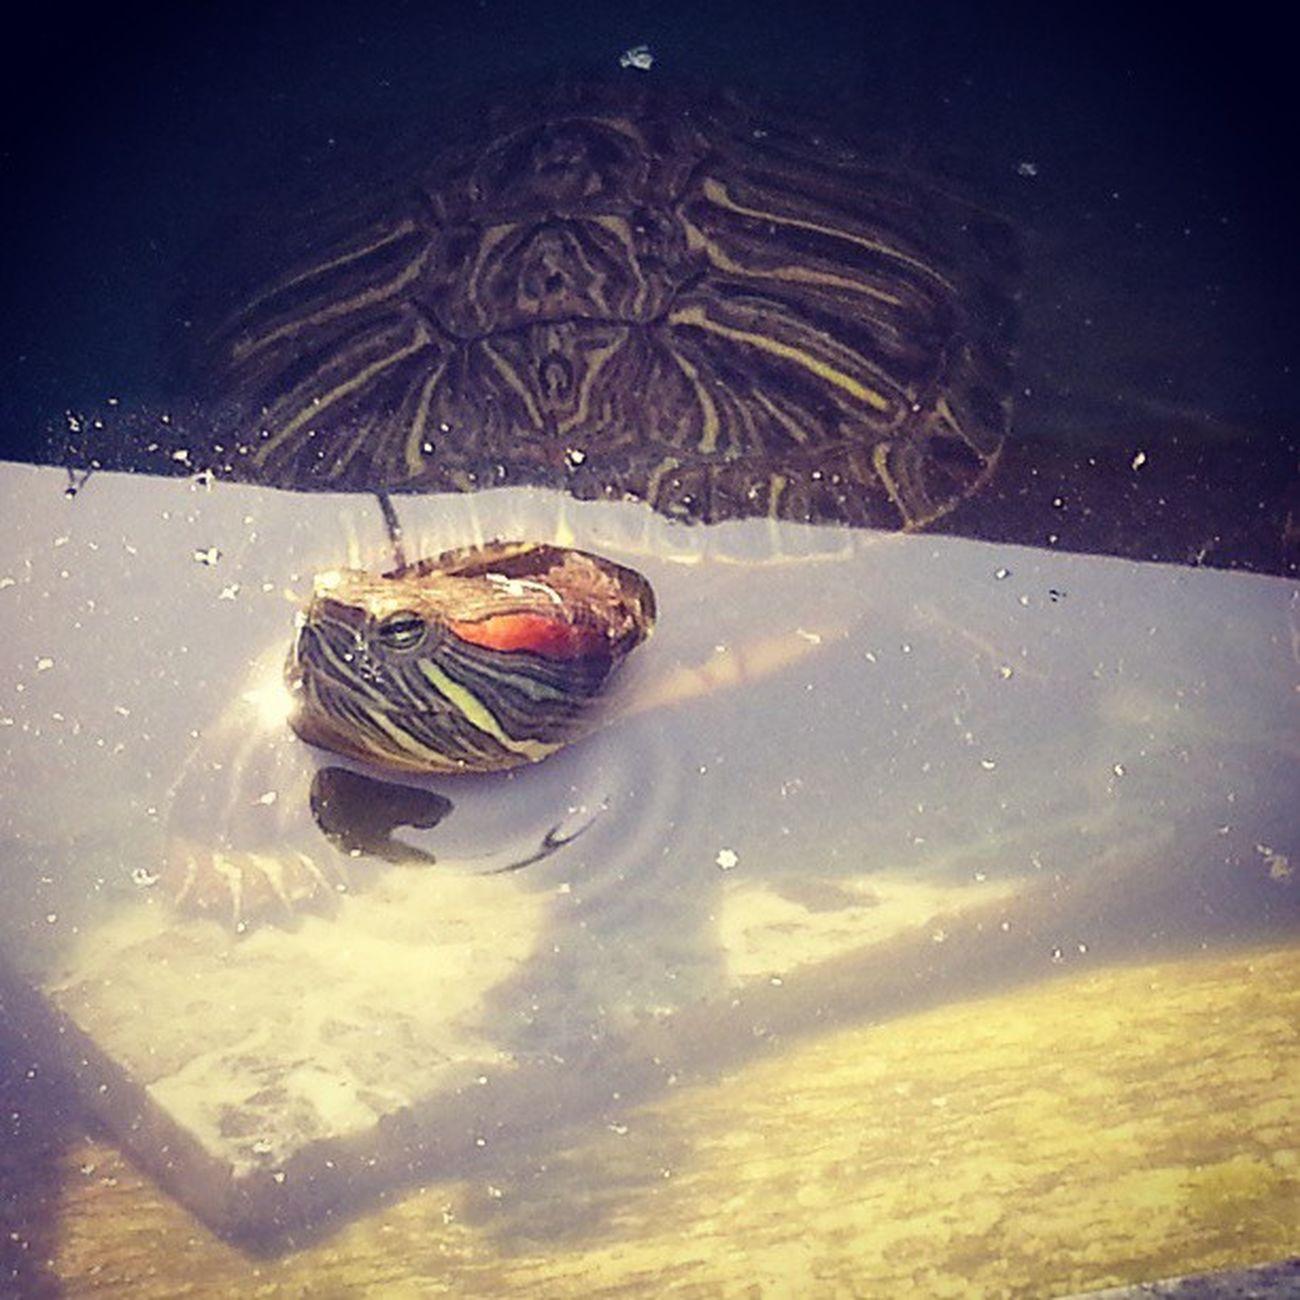 Turtles @ MIST